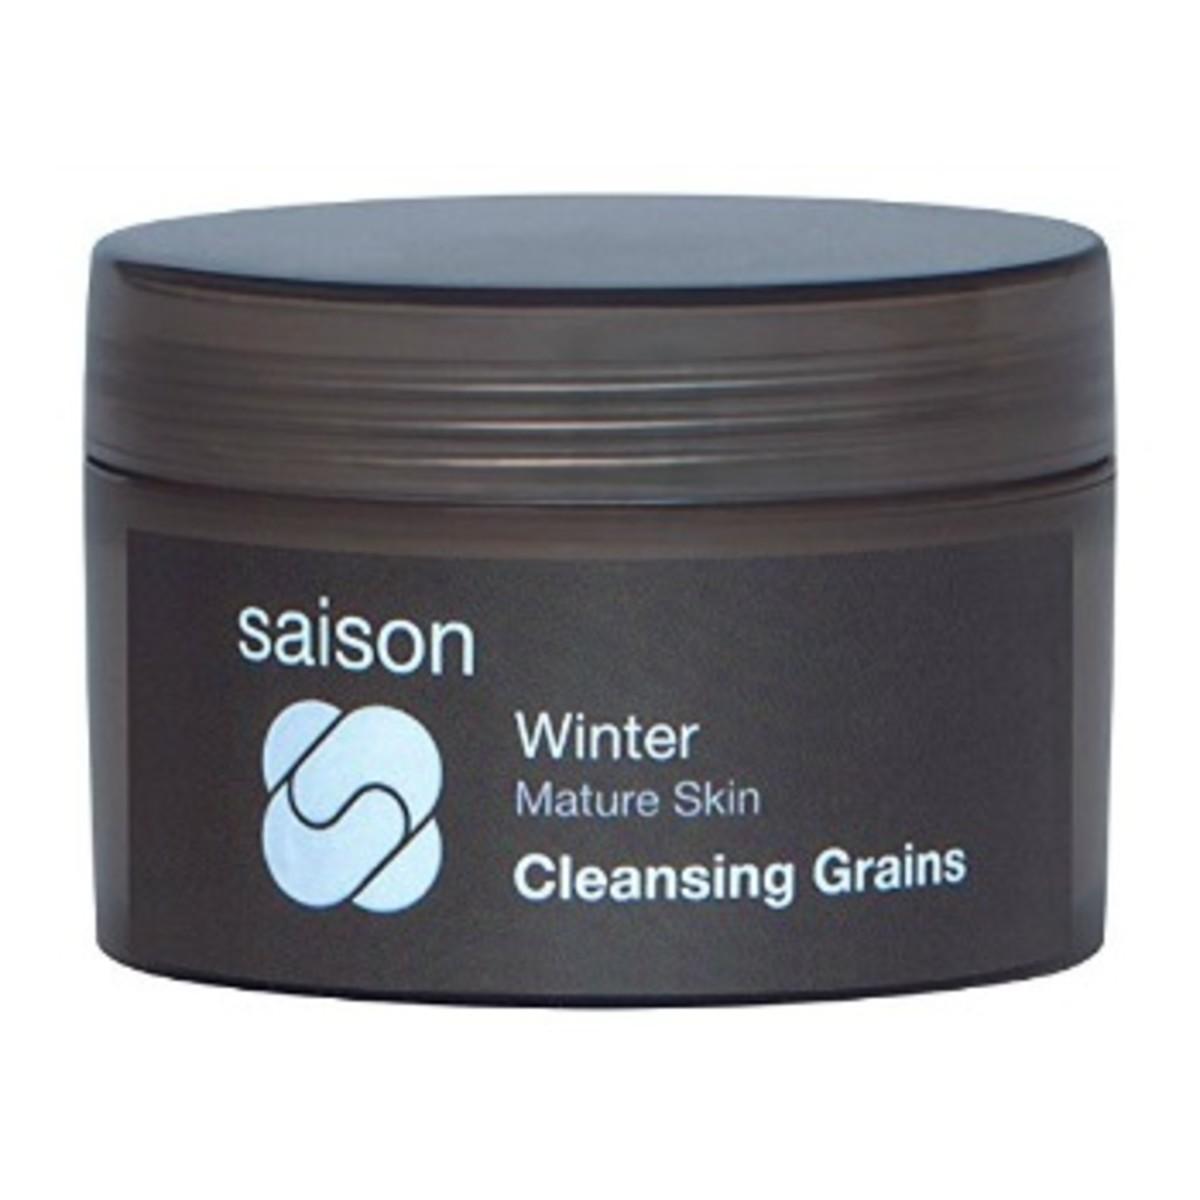 Saison Beauty Cleansing Grains Winter